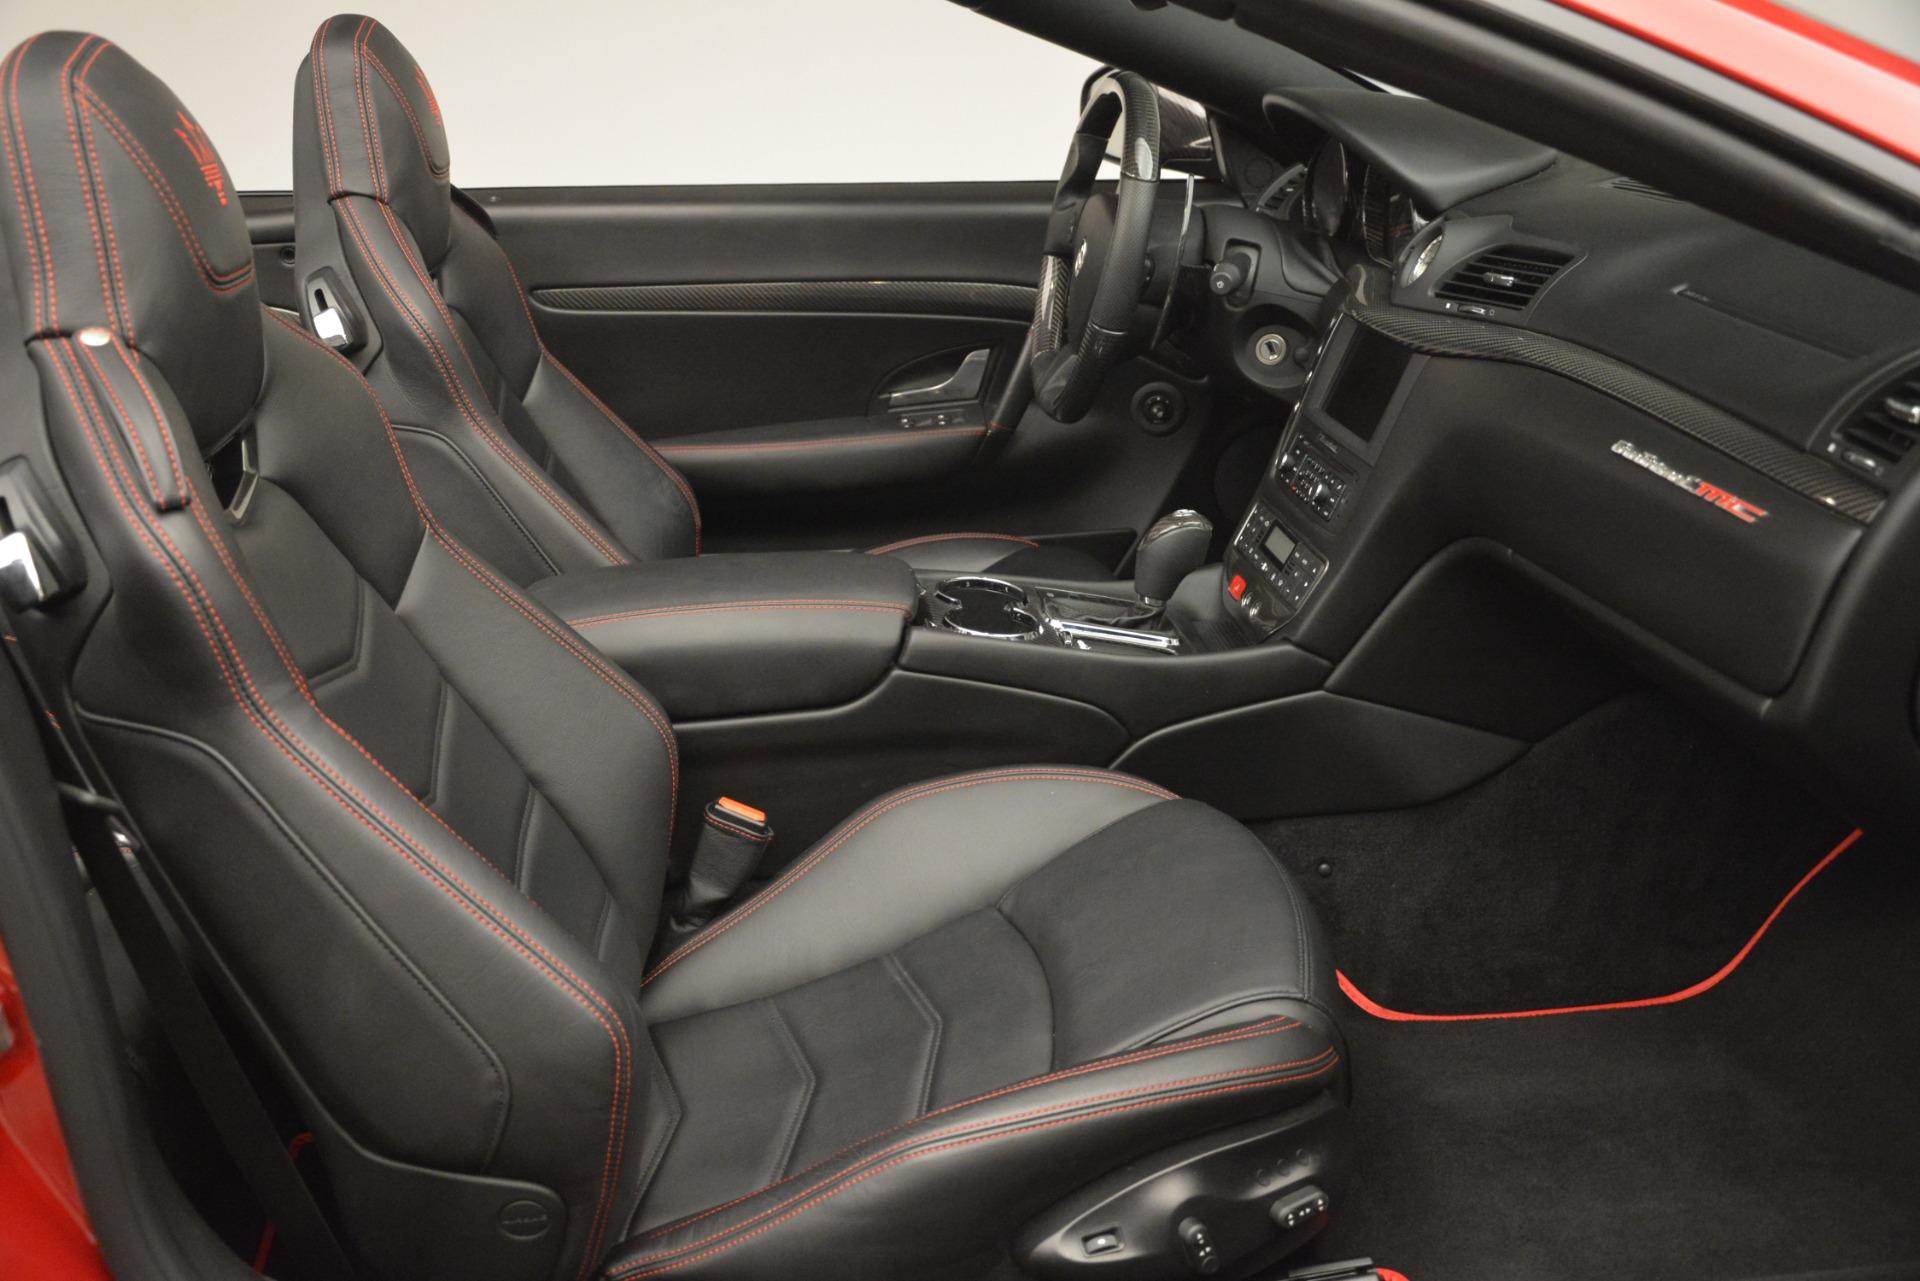 Used 2015 Maserati GranTurismo MC For Sale In Greenwich, CT 3197_p29